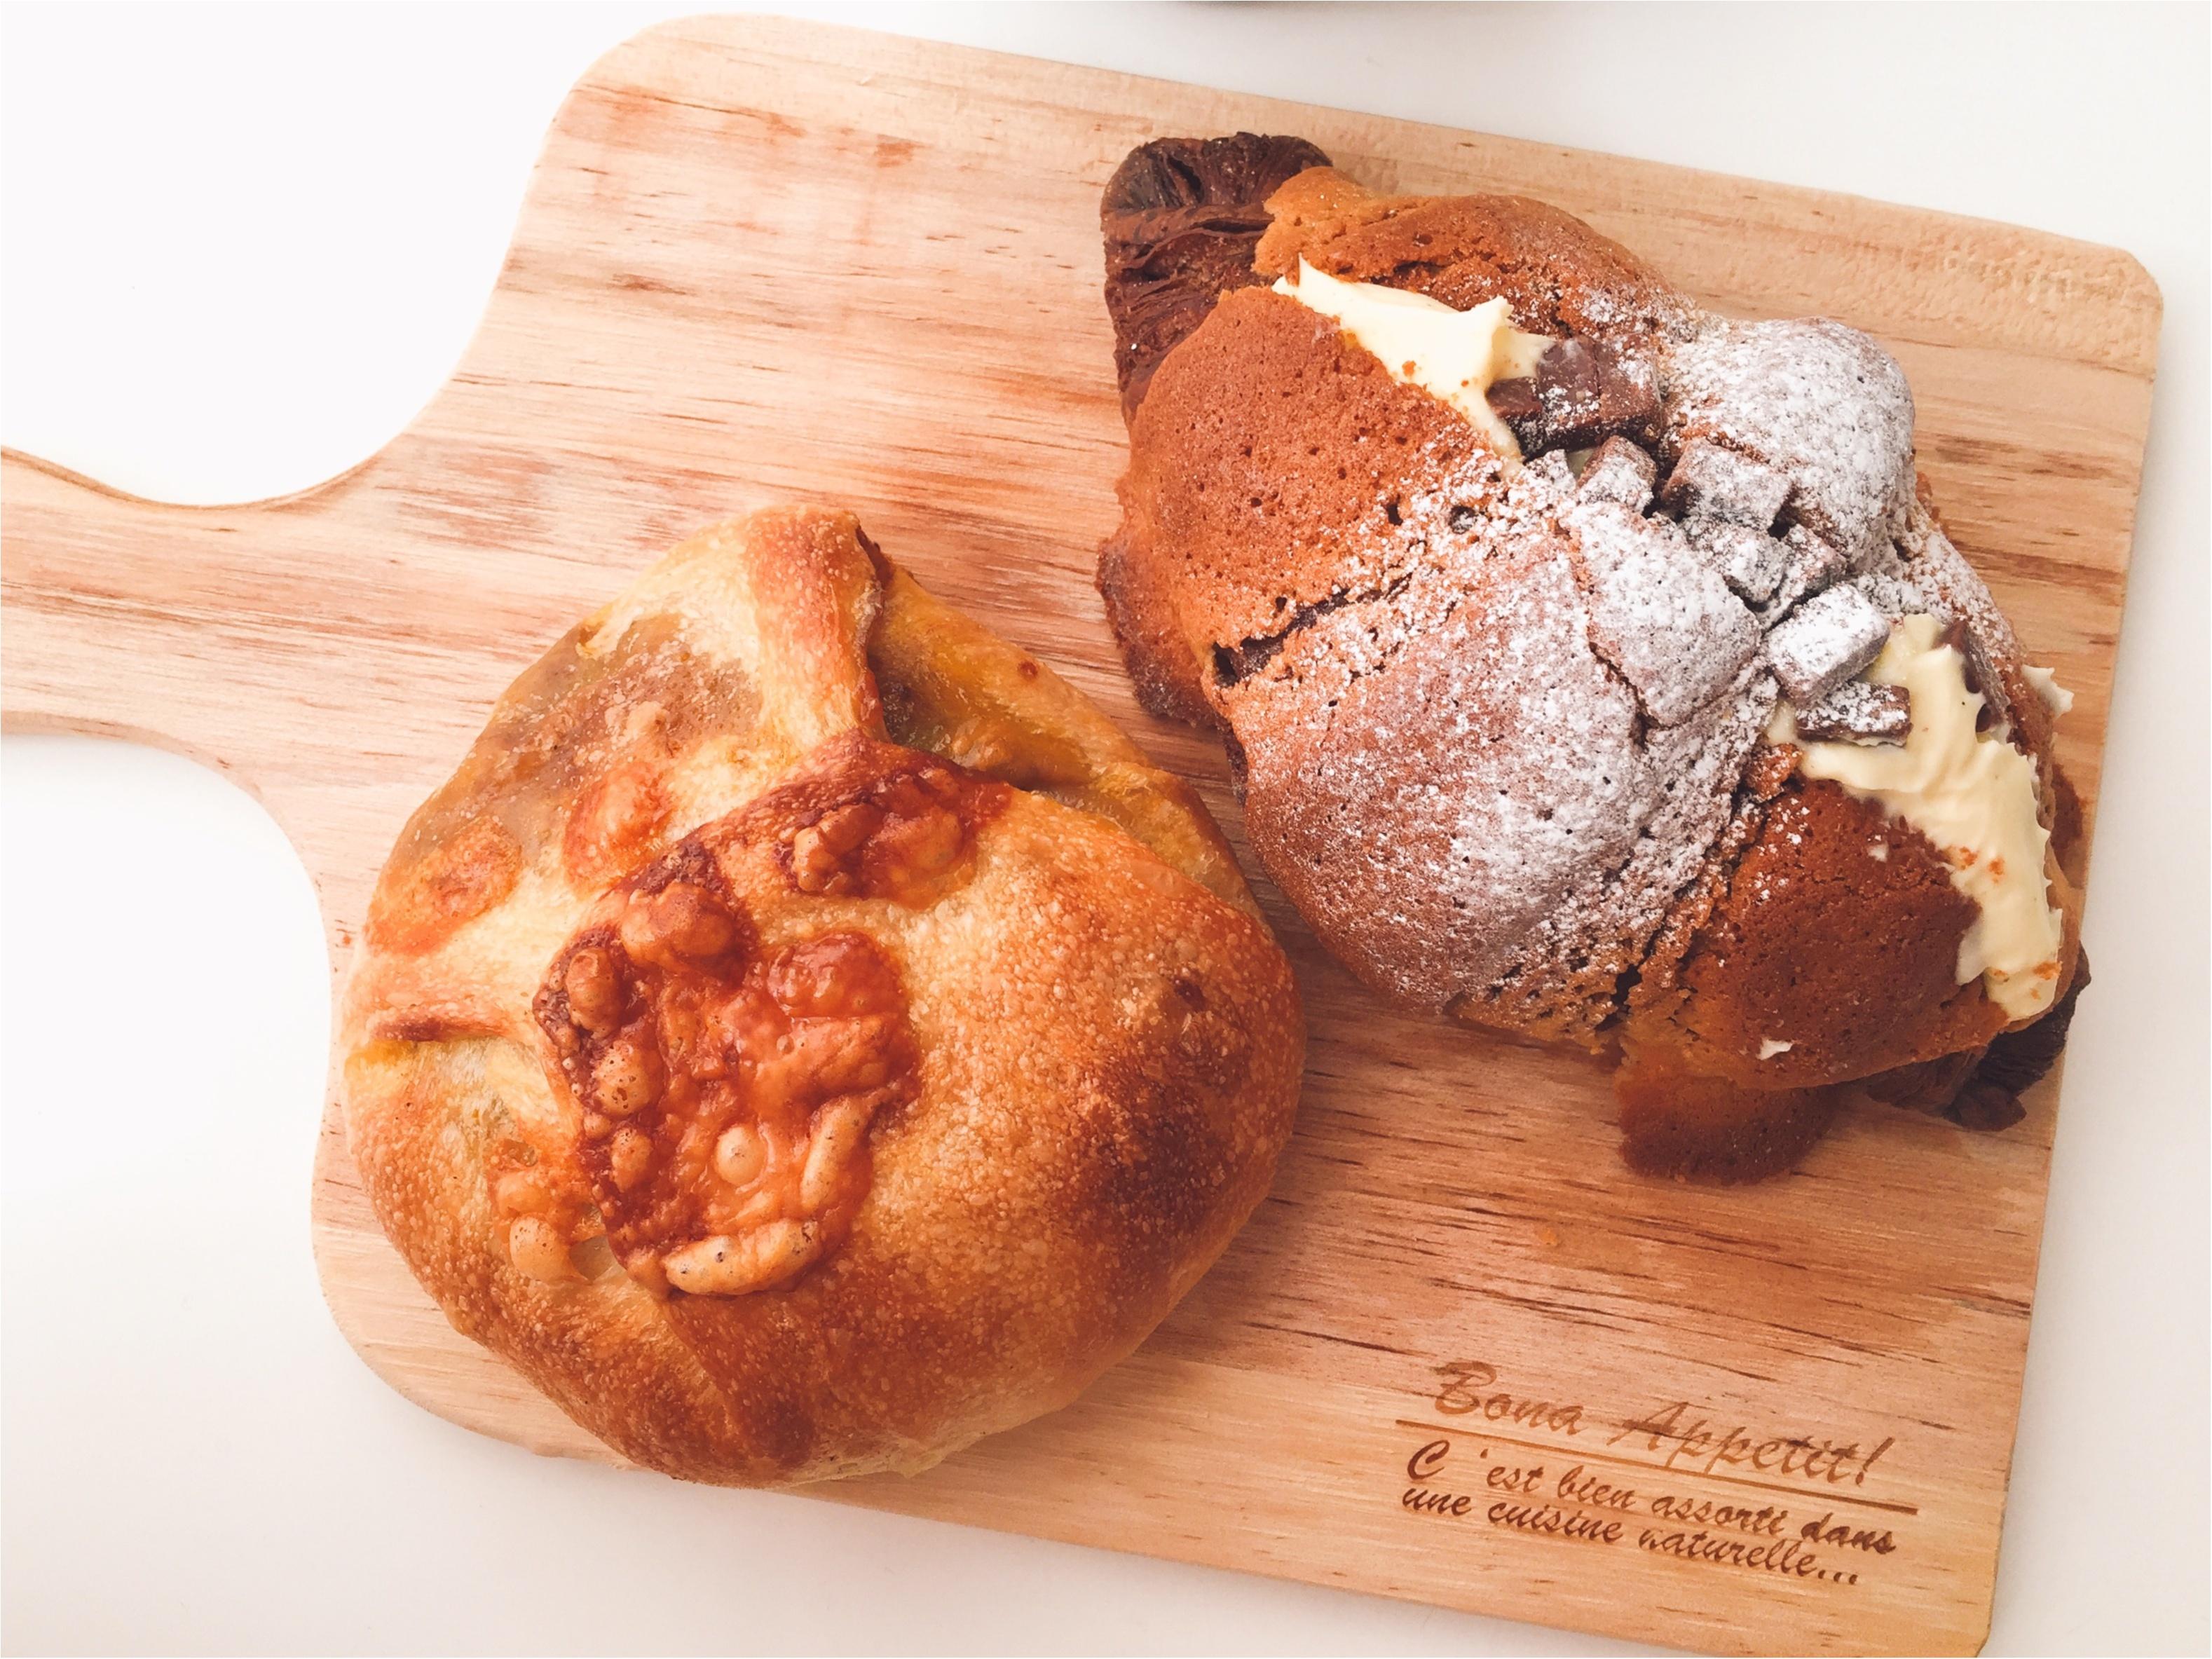 東京の美味しいパン屋巡り〜焼きチーズカレーパンと言えば?〜_2